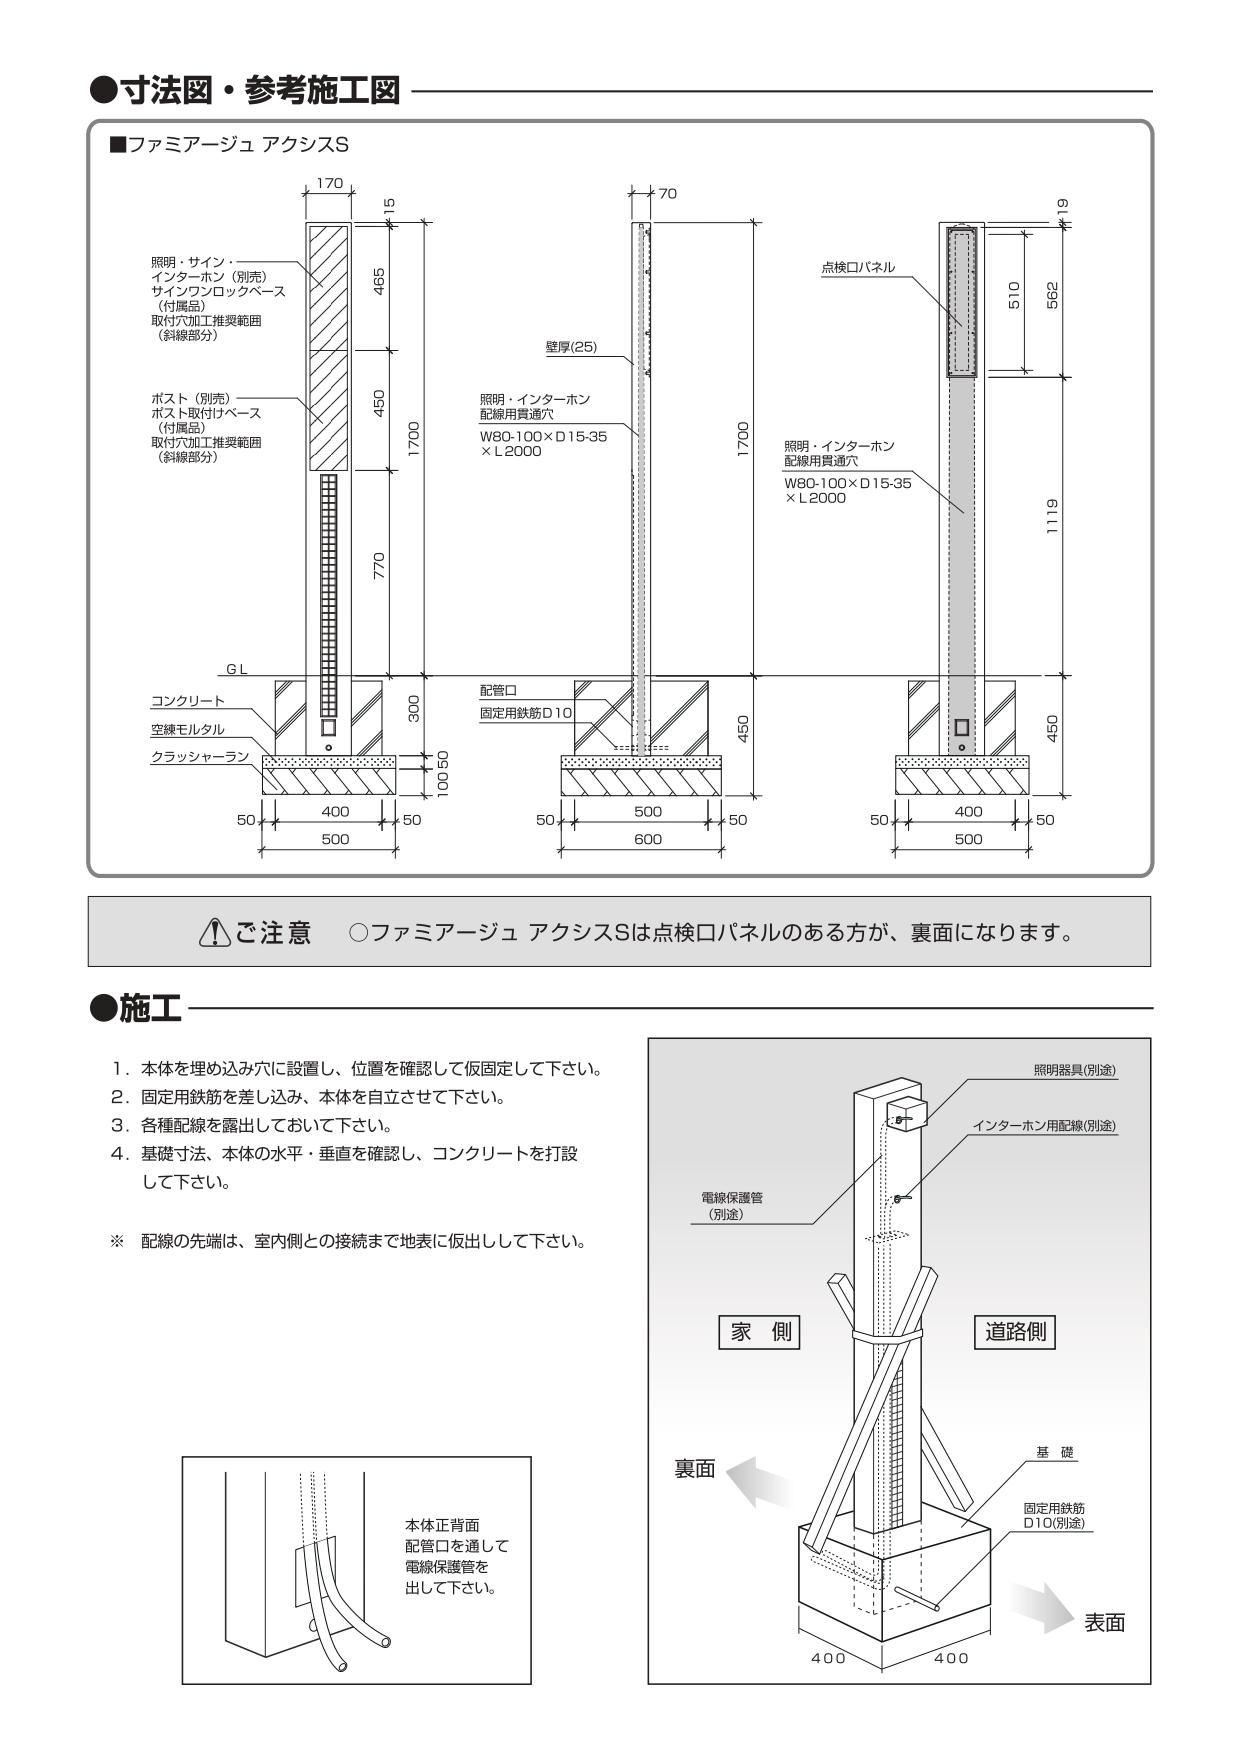 ファミアージュアクシスS_取扱説明書_page-0002